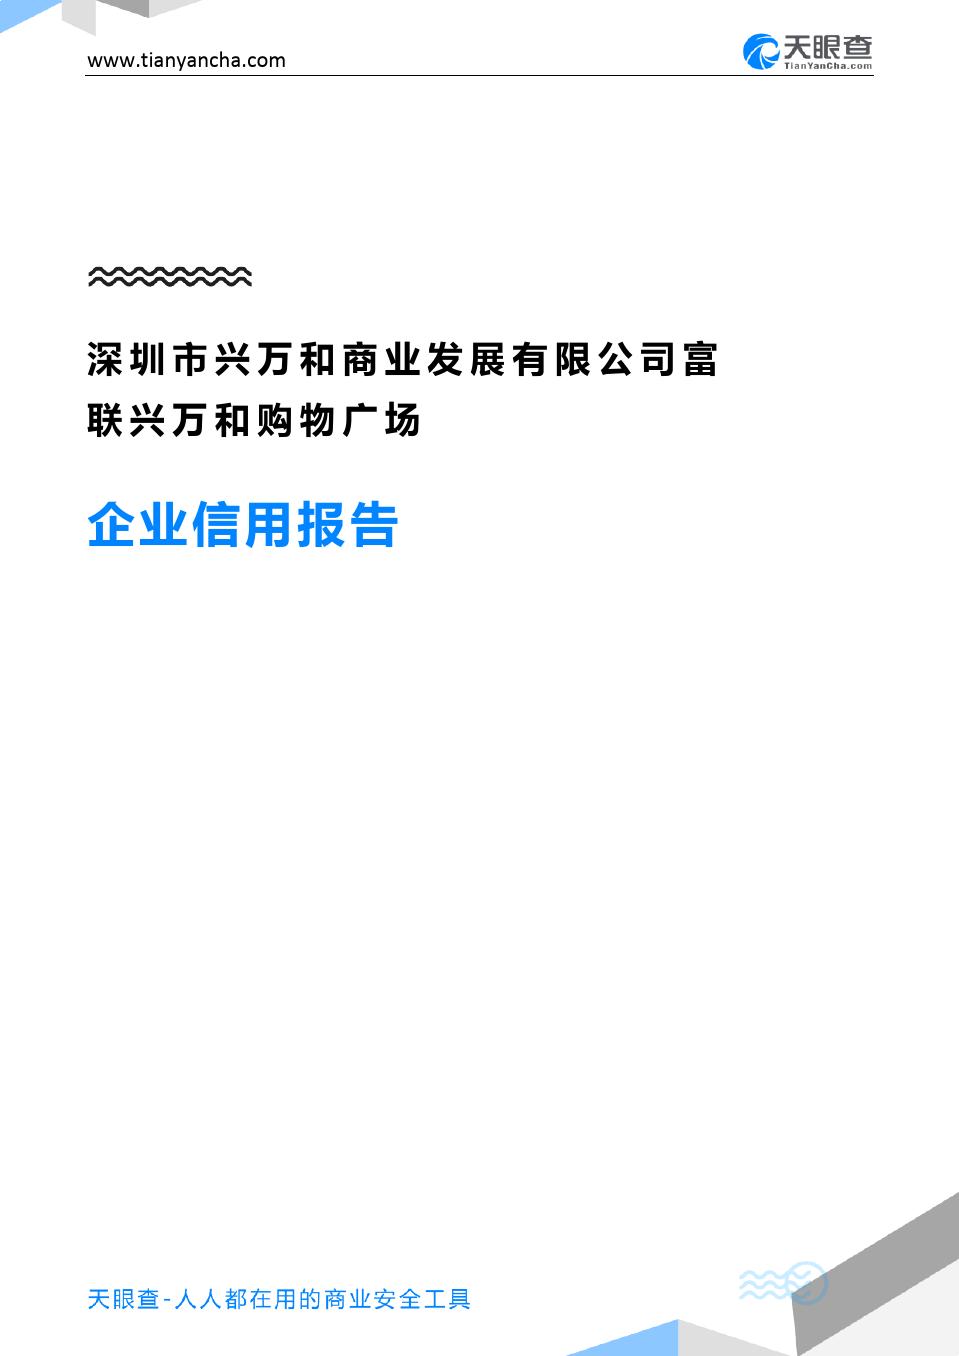 深圳市興萬和商業發展有限公司富聯興萬和購物廣場(企業信用報告)- 天眼查